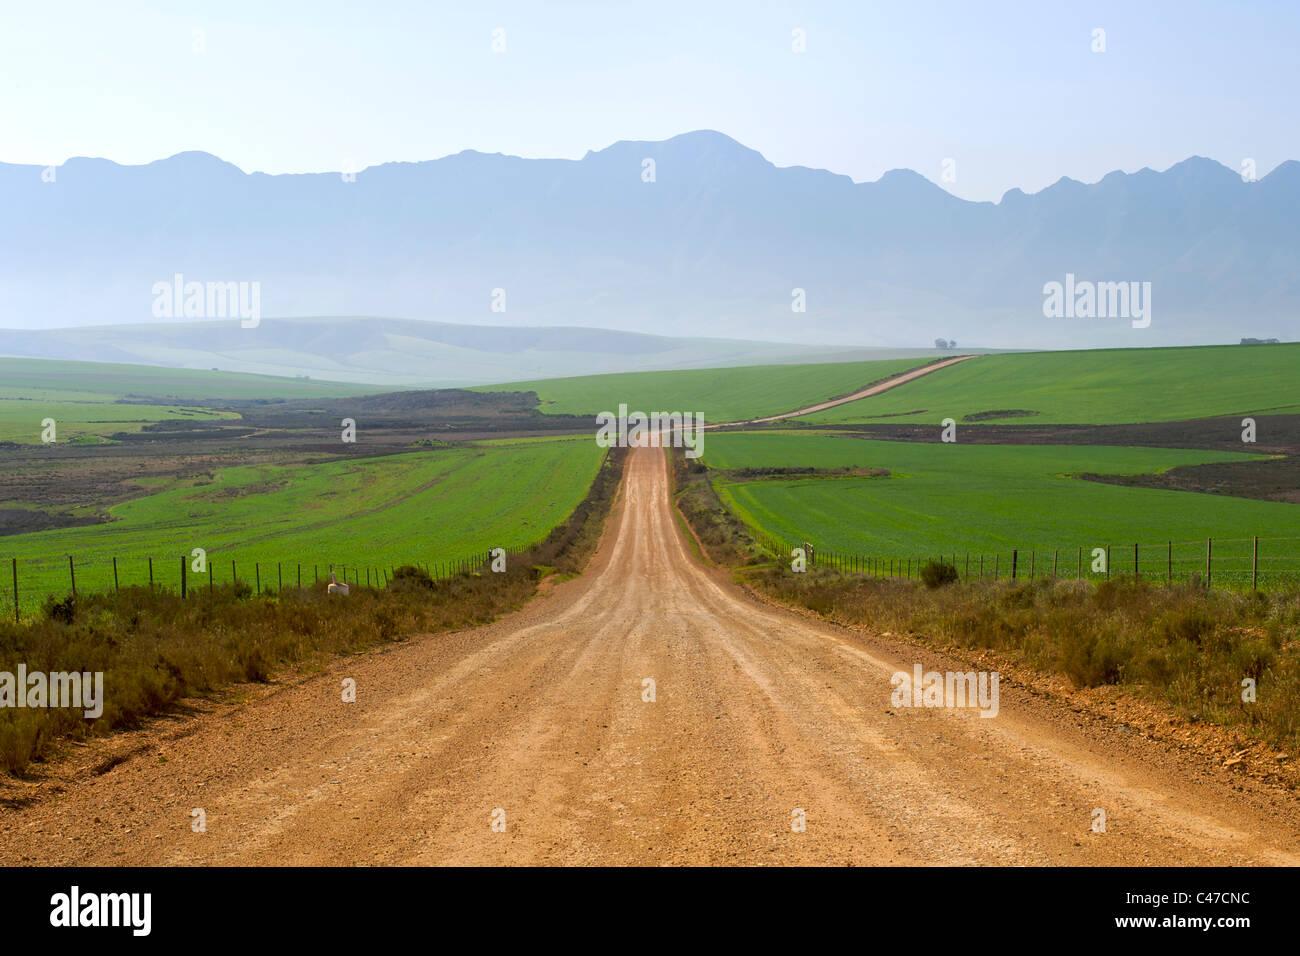 Feldweg führt zu Nethercourt von der N2 Autobahn in der Nähe von Caledon in südafrikanischen Provinz Stockbild